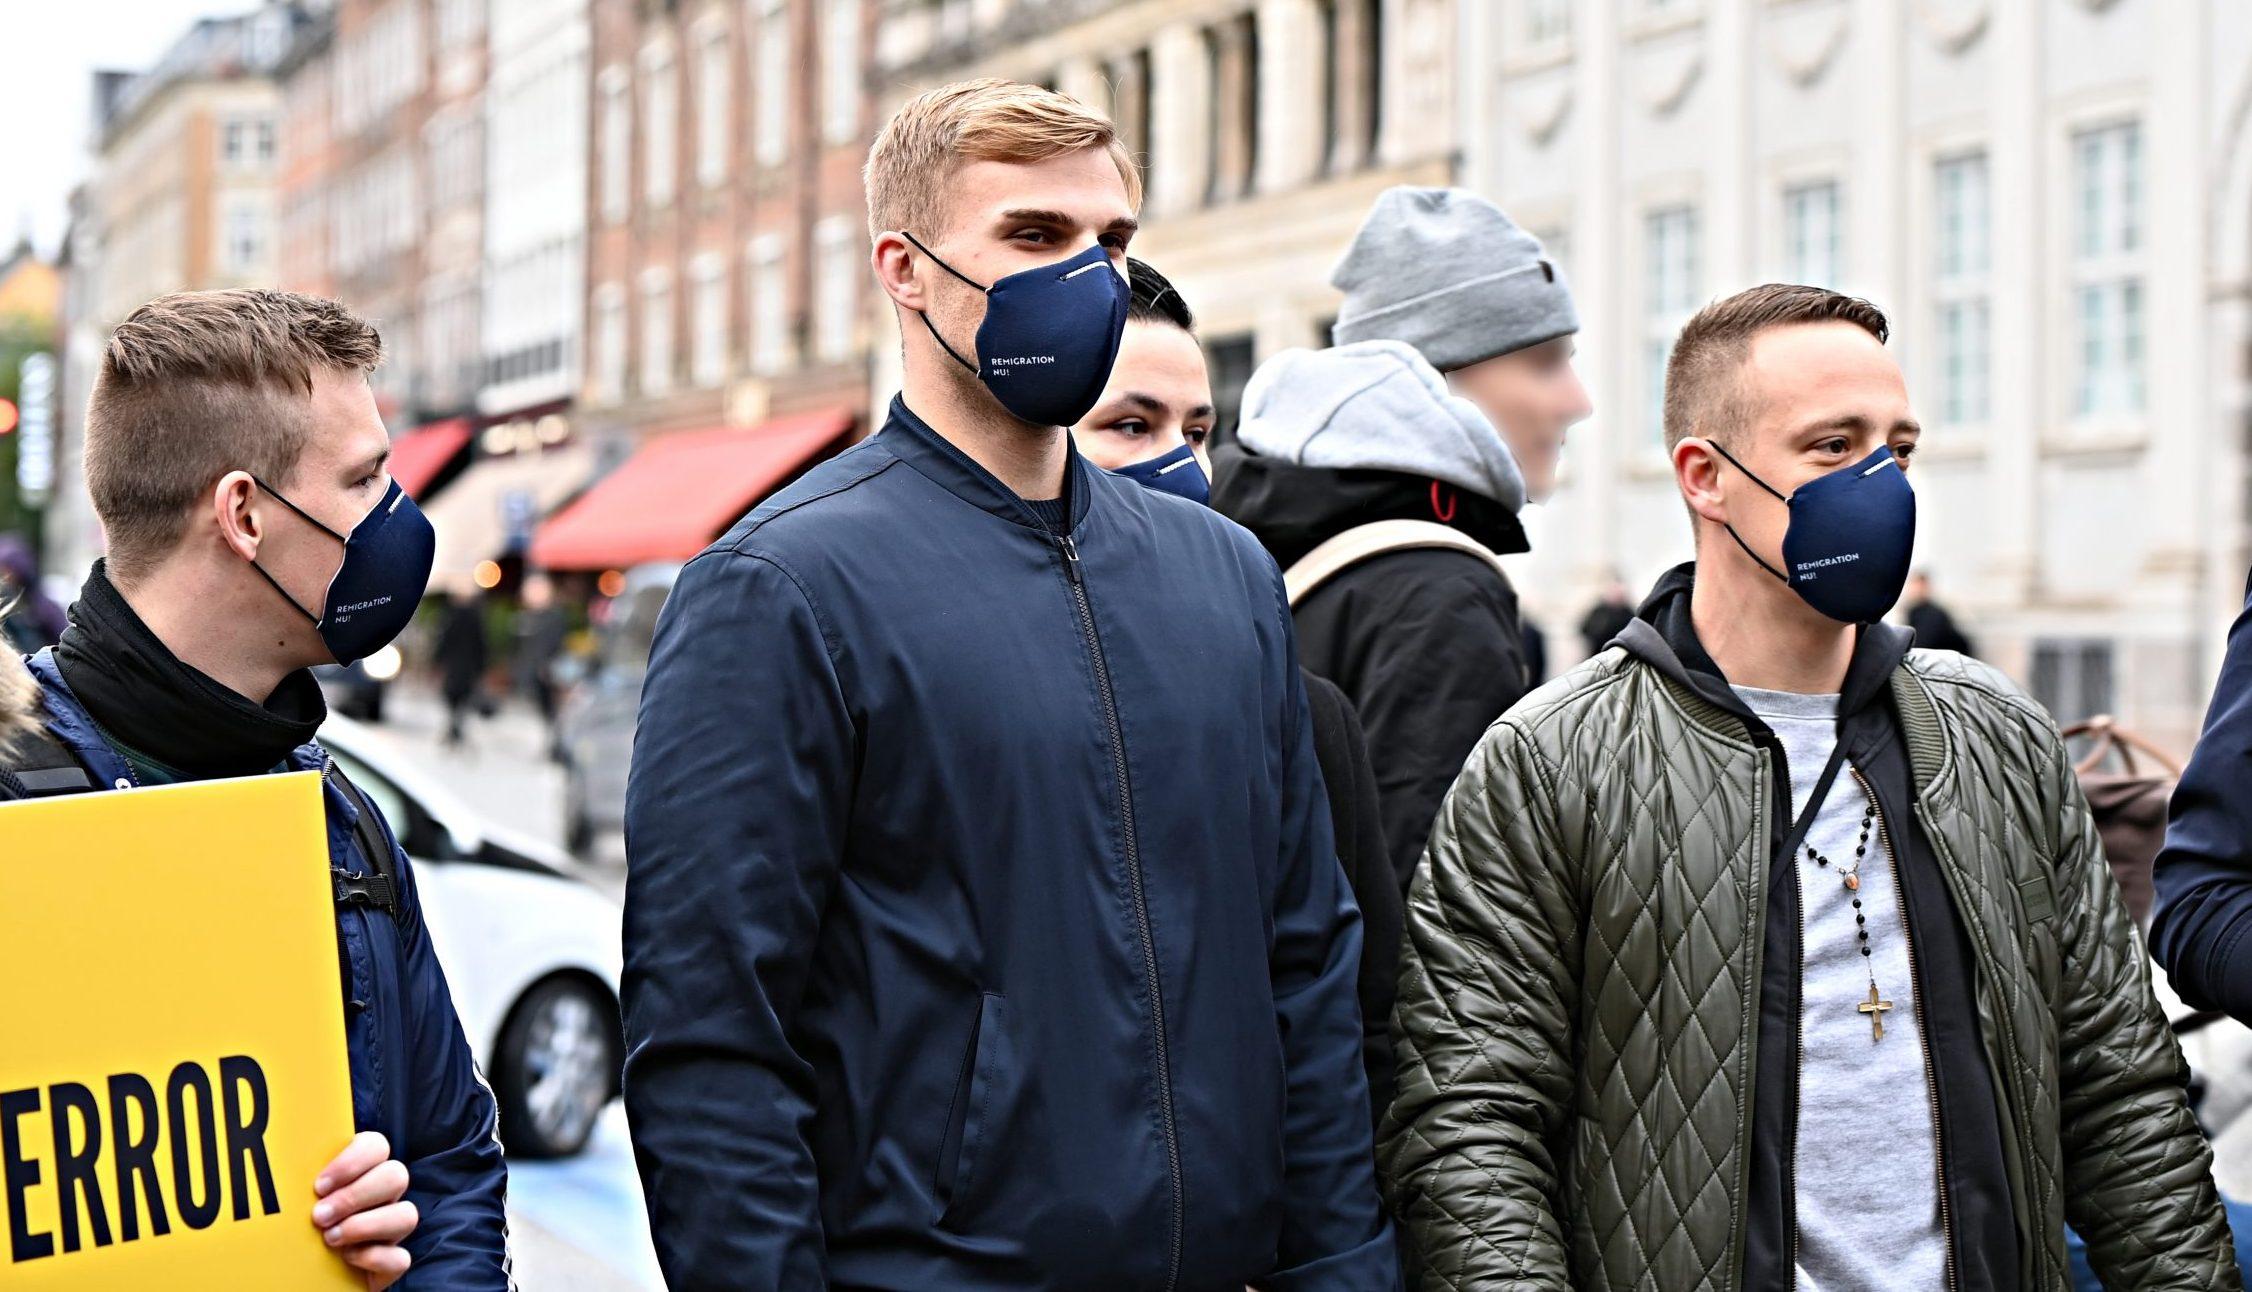 Fra højre ses Generation Identitær-medlemmerne Sebastian Nielsen, Daniel Nordentoft, Morten Christensen og talsmanden Frederik Rye Skov på Kongens Nytorv i oktober.